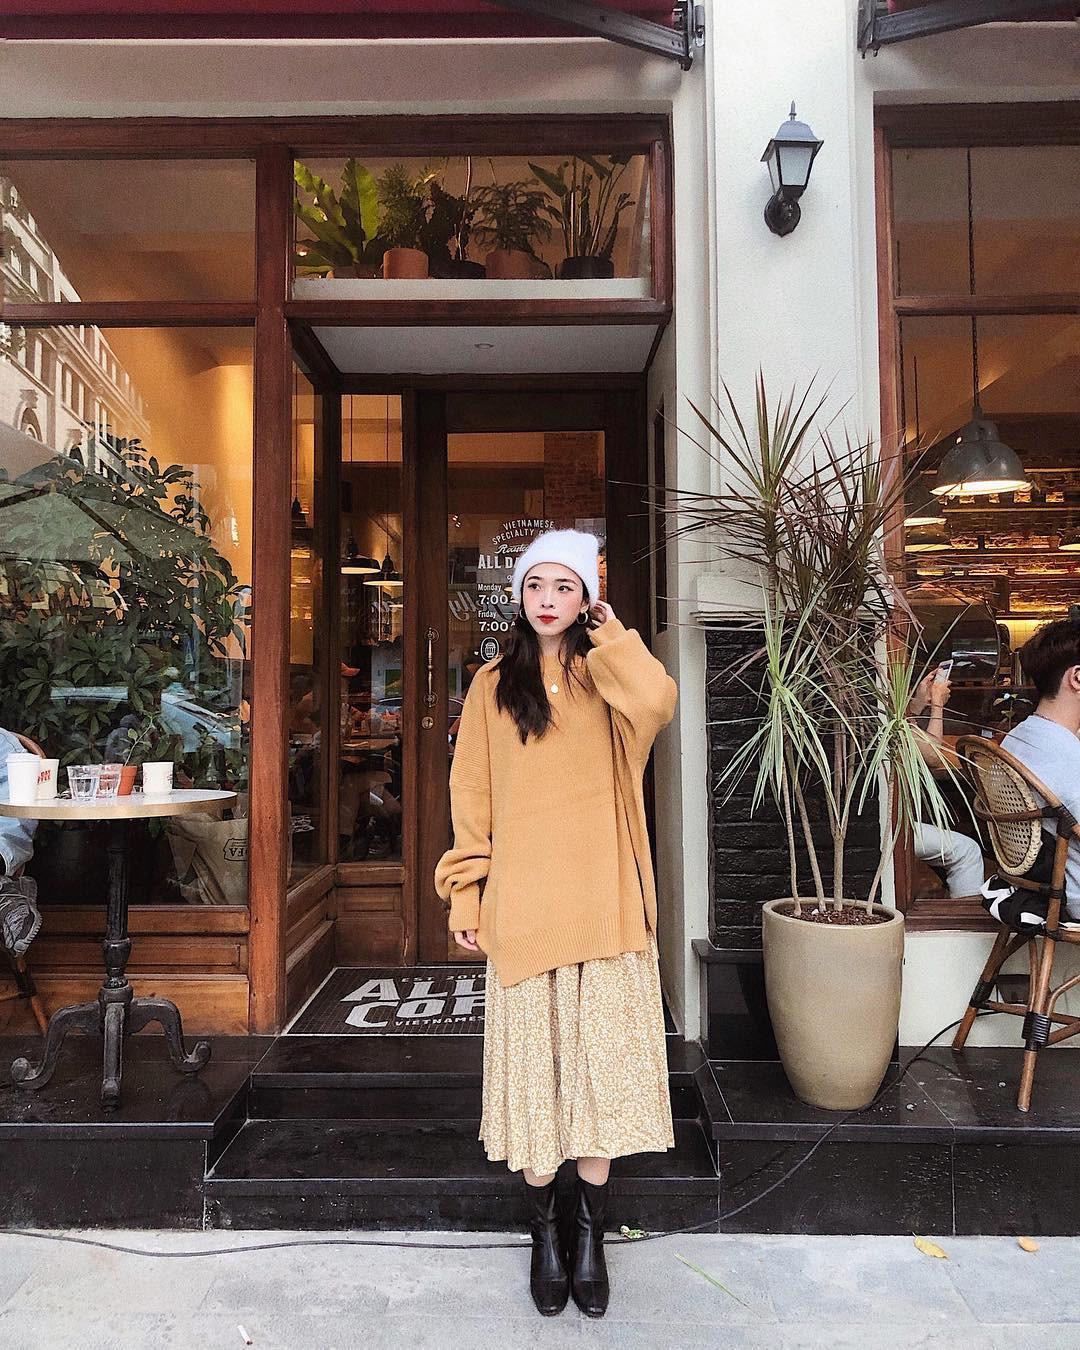 10 quán cà phê yên tĩnh đáng đến nhất trong kỳ nghỉ Tết Dương lịch 2019 ở Hà Nội - Ảnh 9